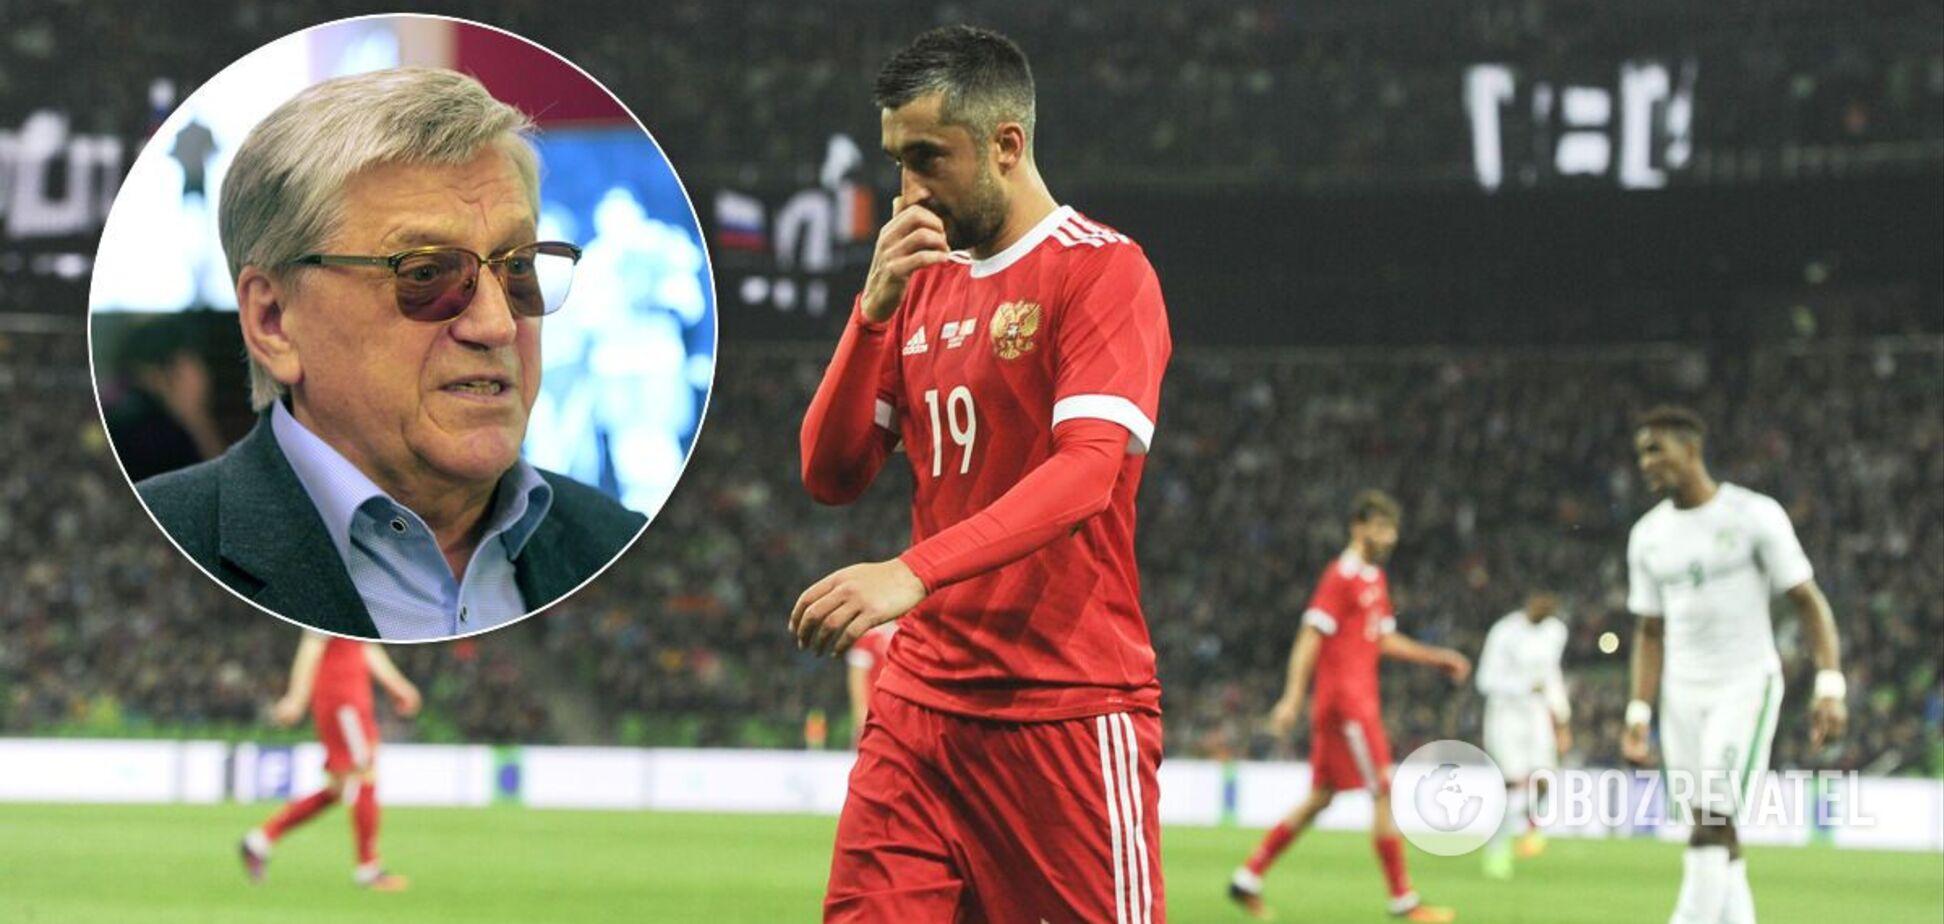 Олімпійський чемпіон назвав російський футбол 'ганьбою всього національного спорту'